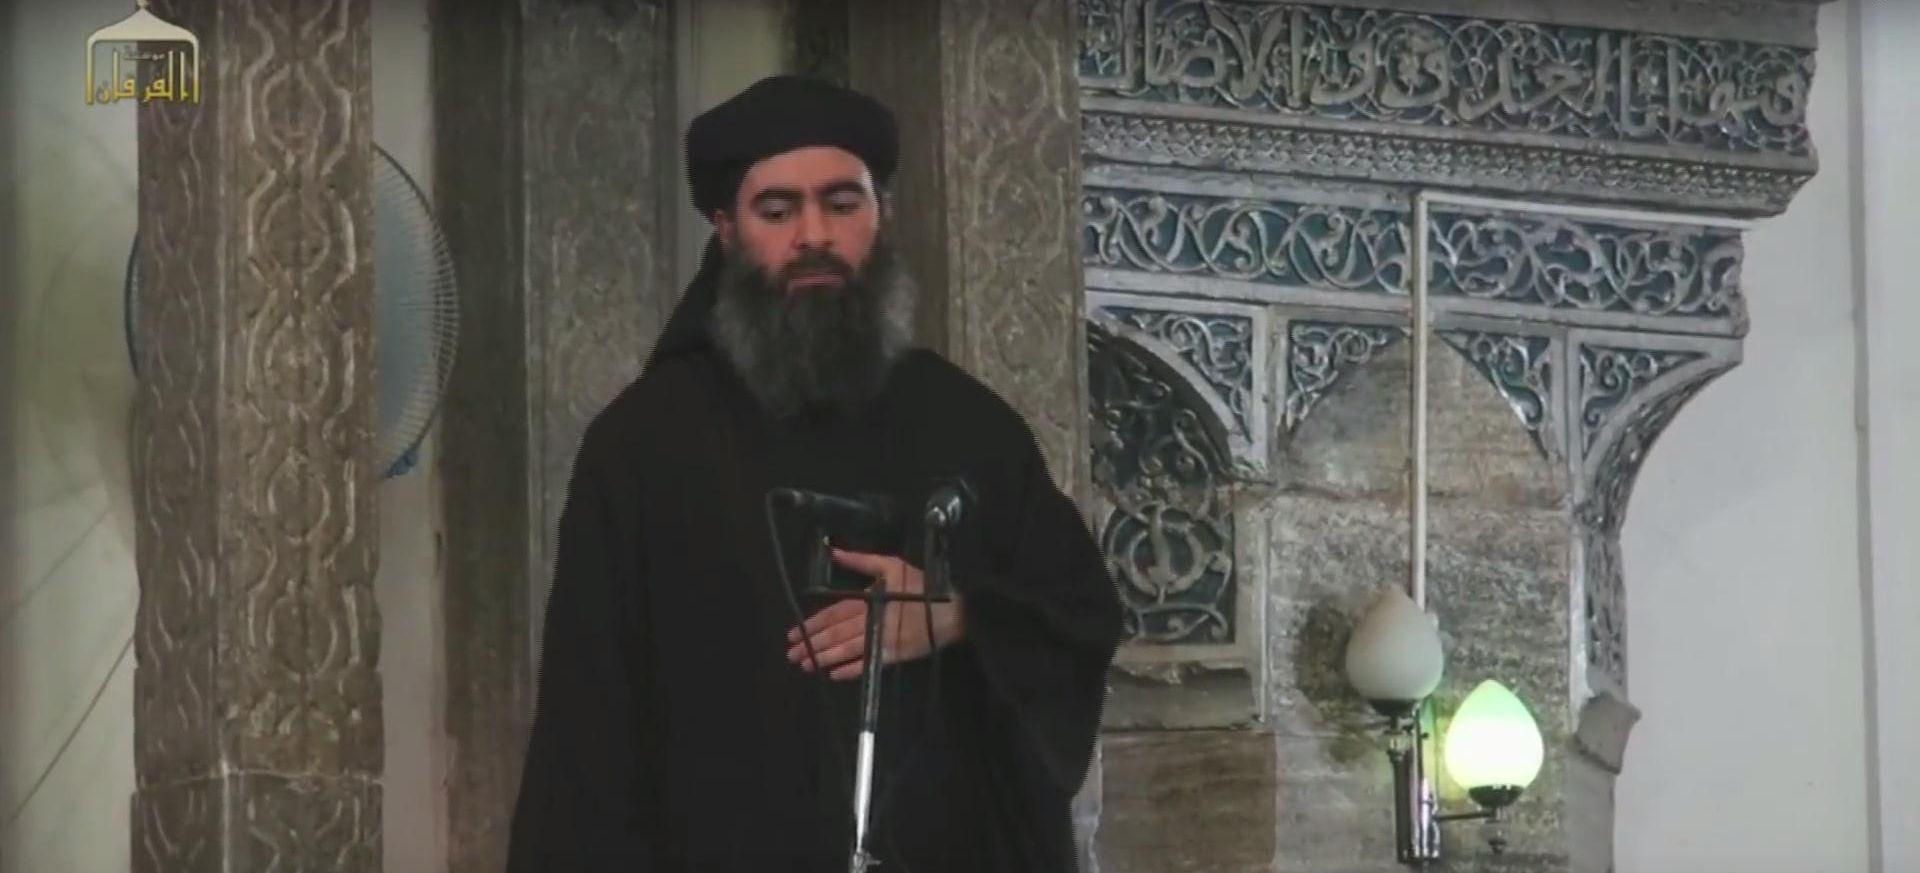 'VELIK BROJ VOĐA UBIJENO ILI RANJENO' Iračko zrakoplovstvo bombardiralo konvoj vođe ISIS-a Abu Bakr al-Bagdadija